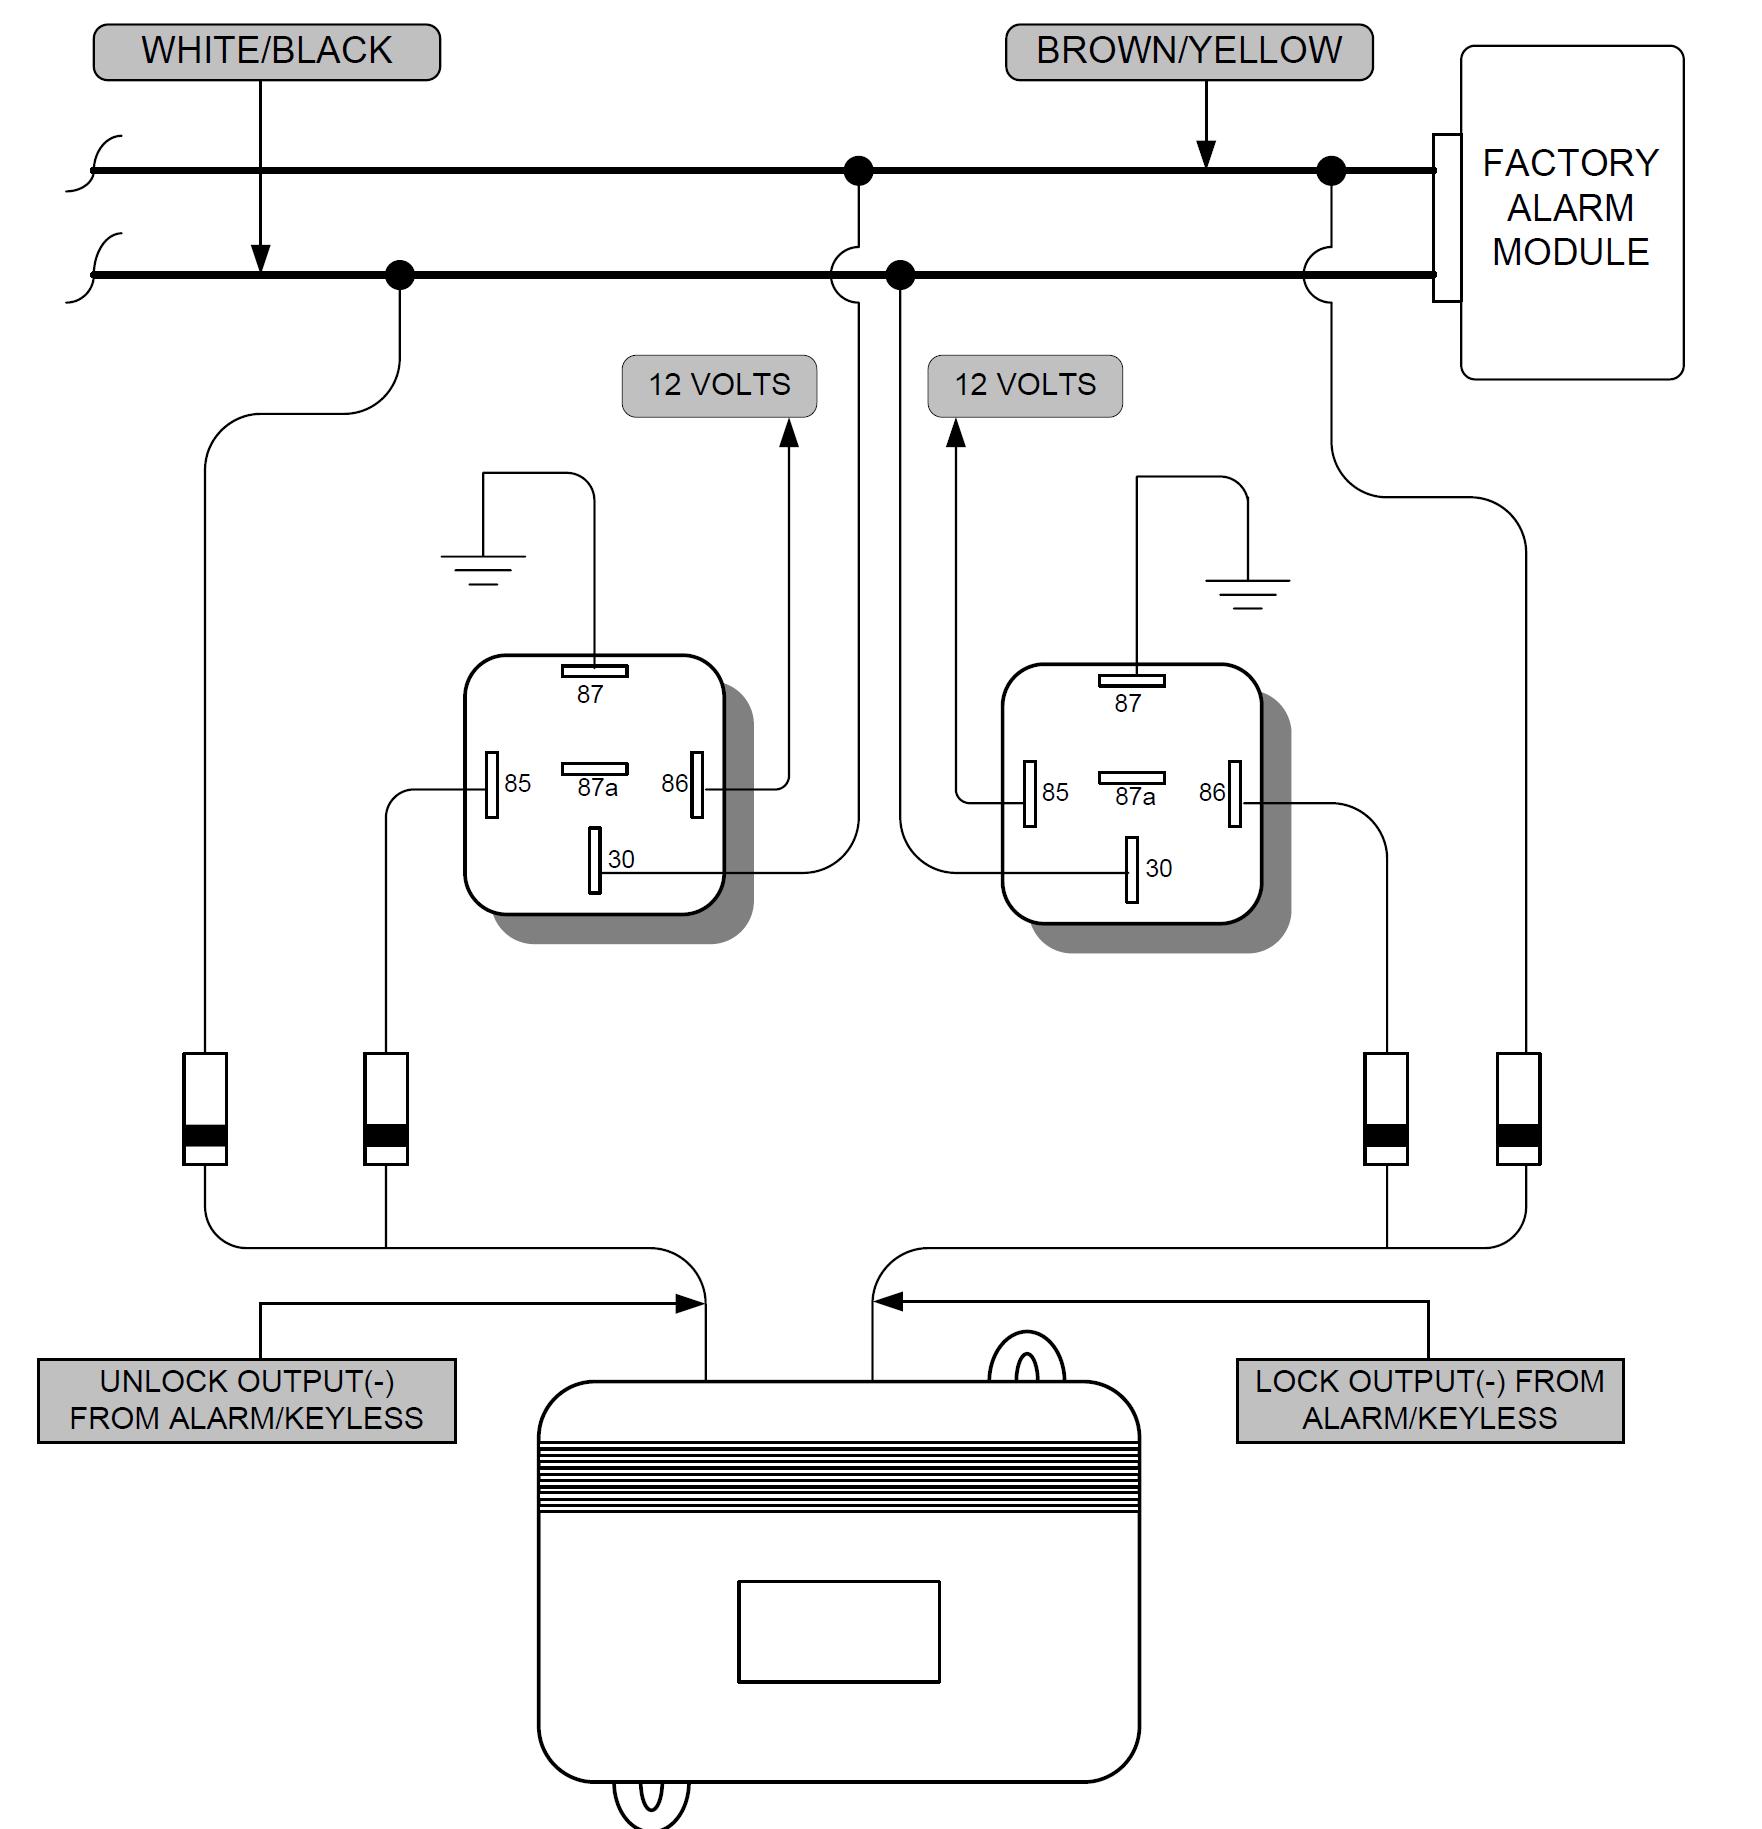 bmw z3 wiring diagram bmw image wiring diagram bmw z3 wiring diagram pontiac fuse box circuit on bmw z3 wiring diagram